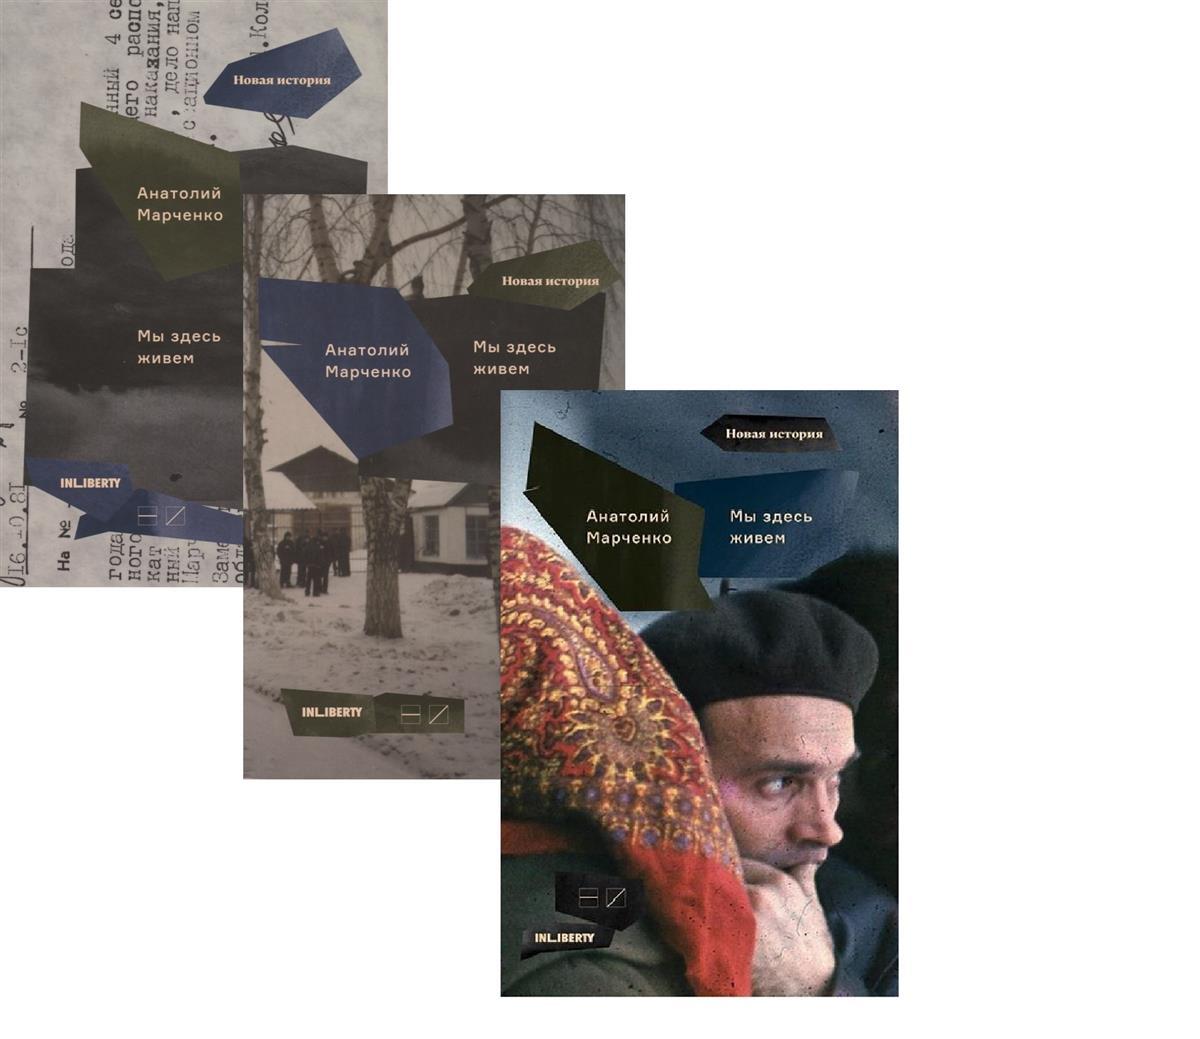 Марченко А. Мы здесь живем. В трех томах (комплект из 3 книг) абу суфьян из чаши бытия сочинения в трех томах комплект из 3 х книг в упаковке